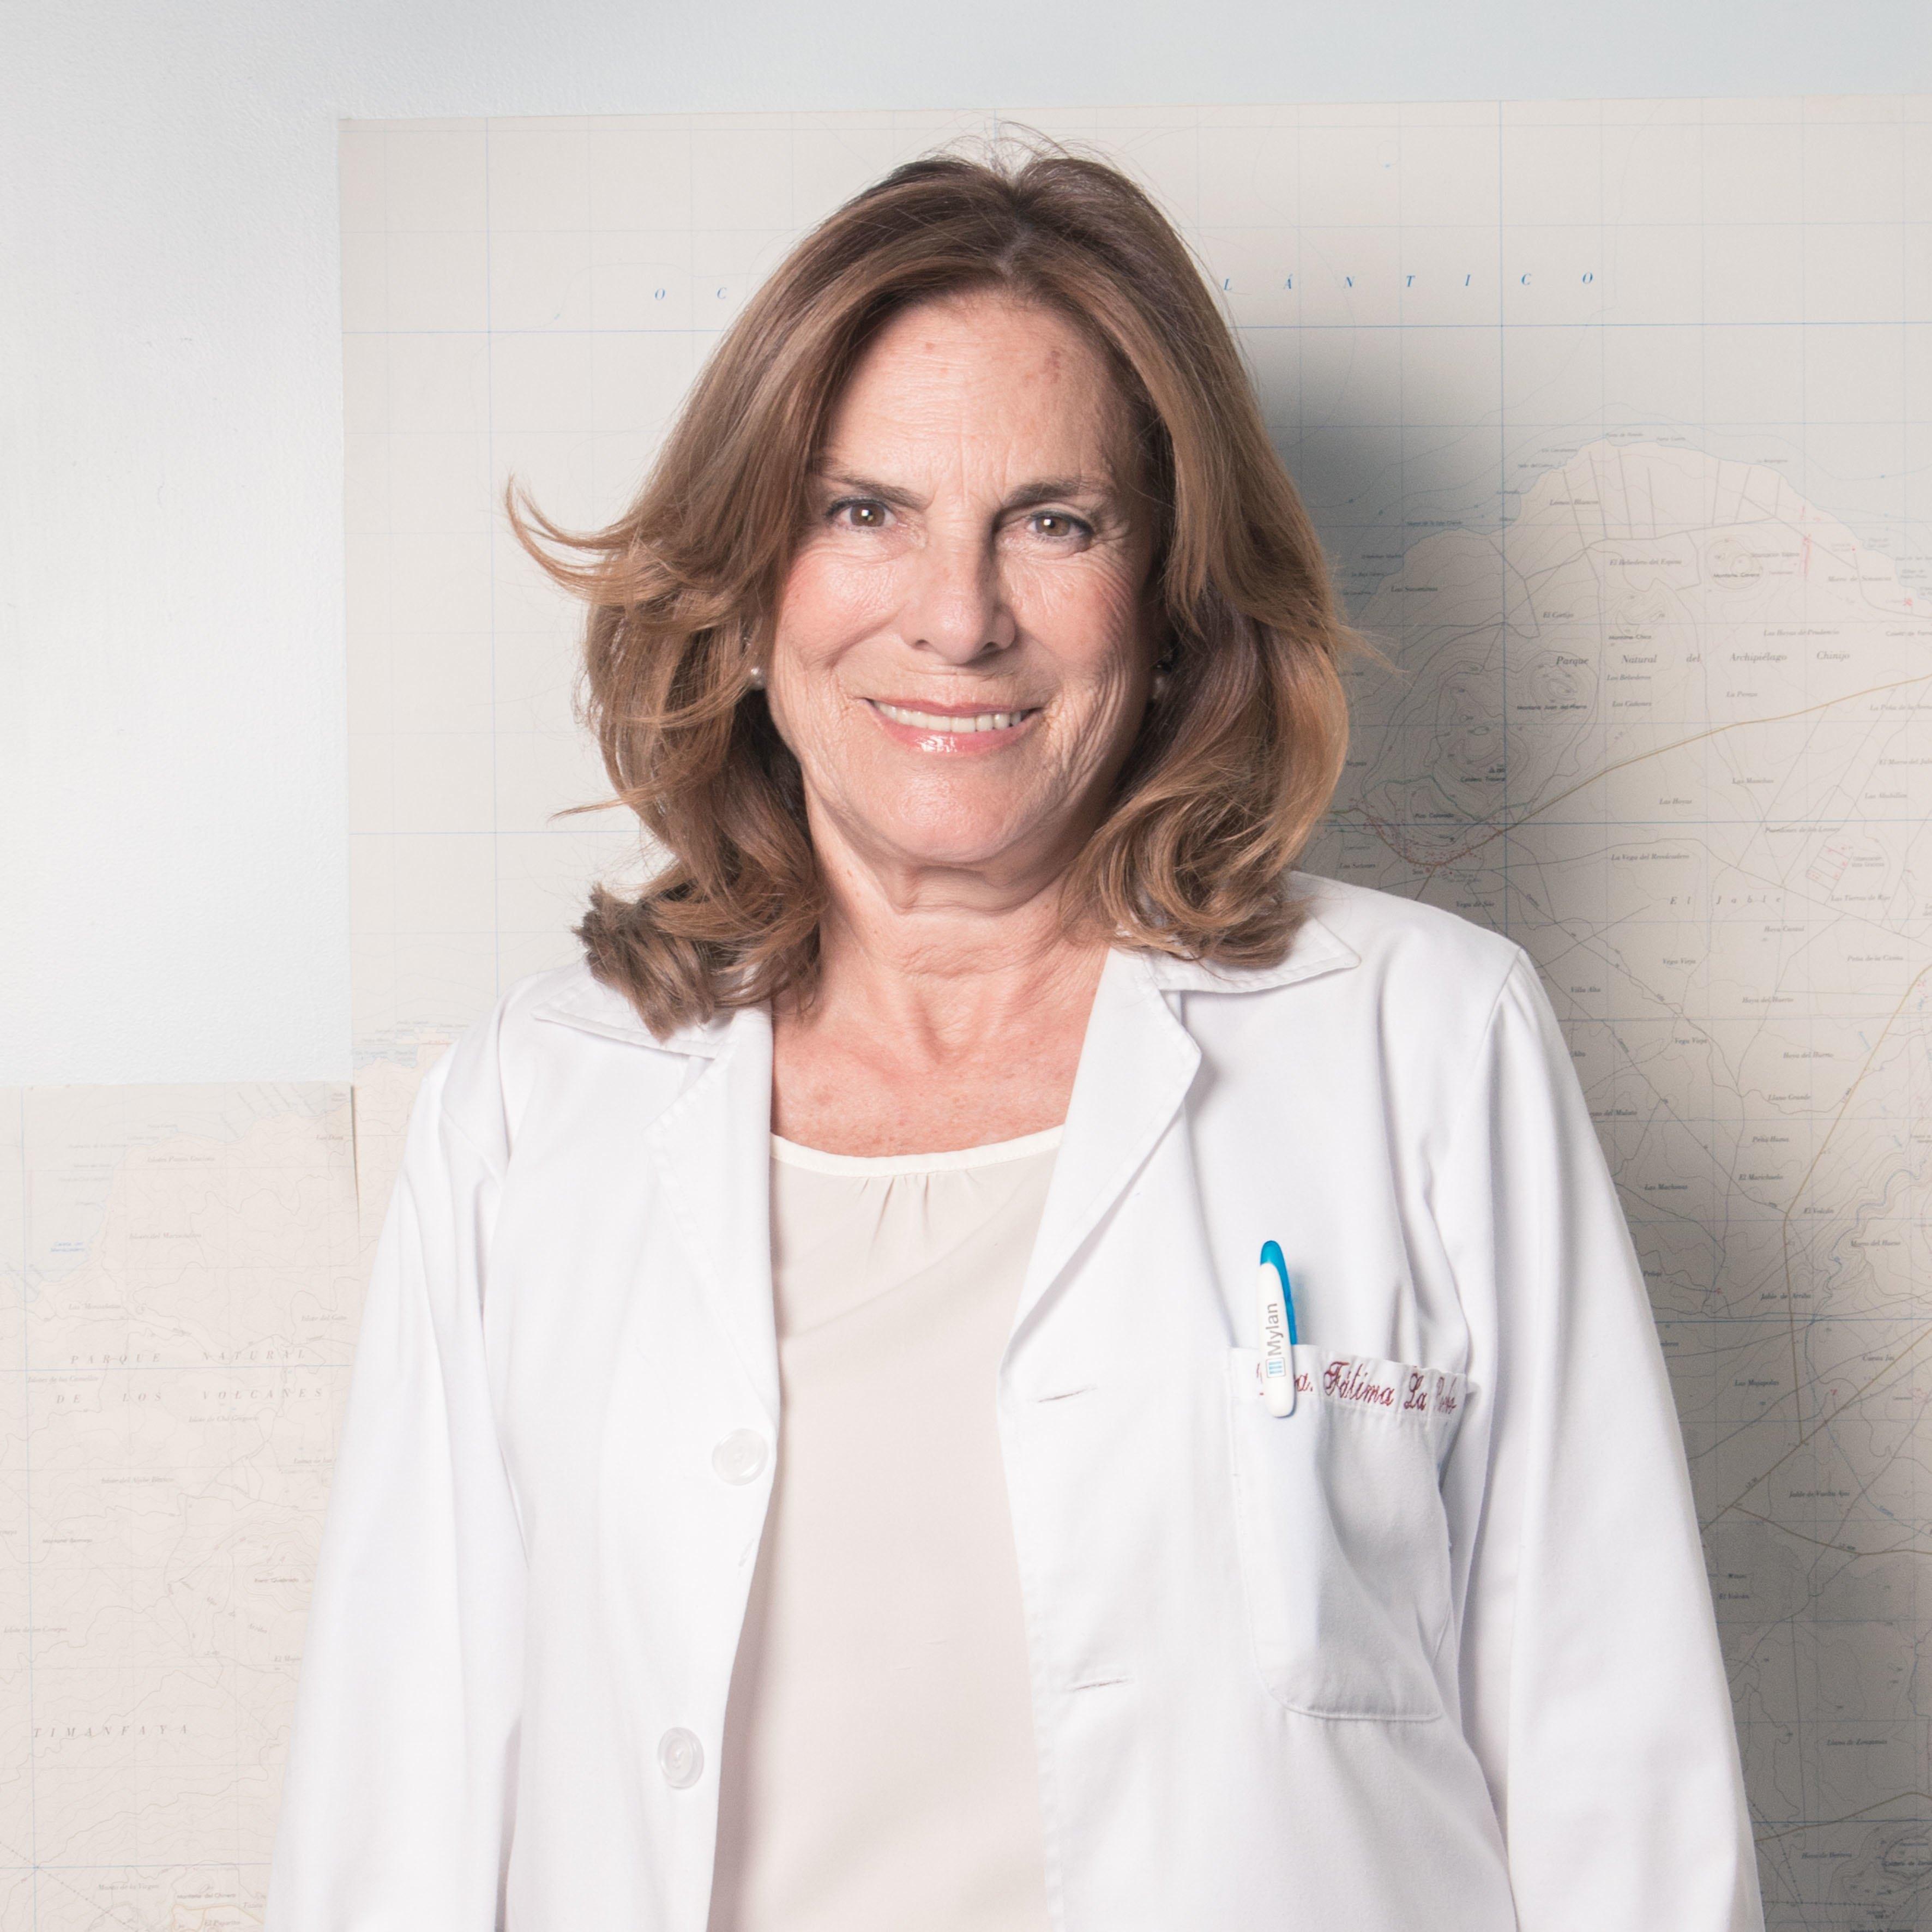 Dra. Fátima la Roche Brier